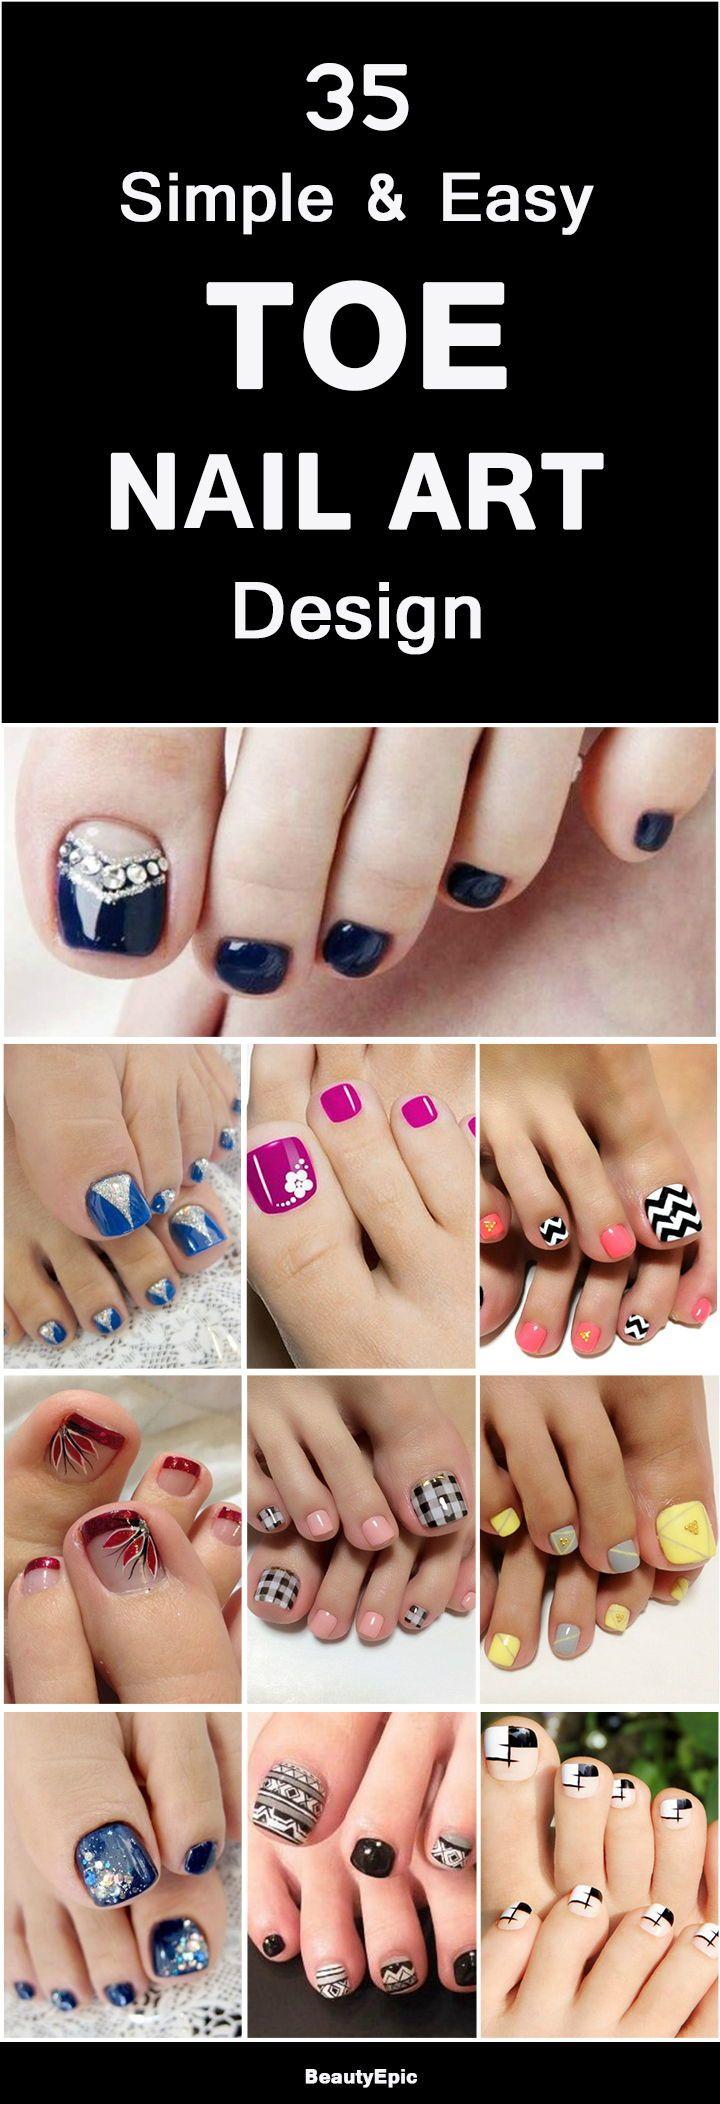 Toe Nail Art Design Simple Toe Nails Nail Designs Toenails Pedicure Designs Toenails